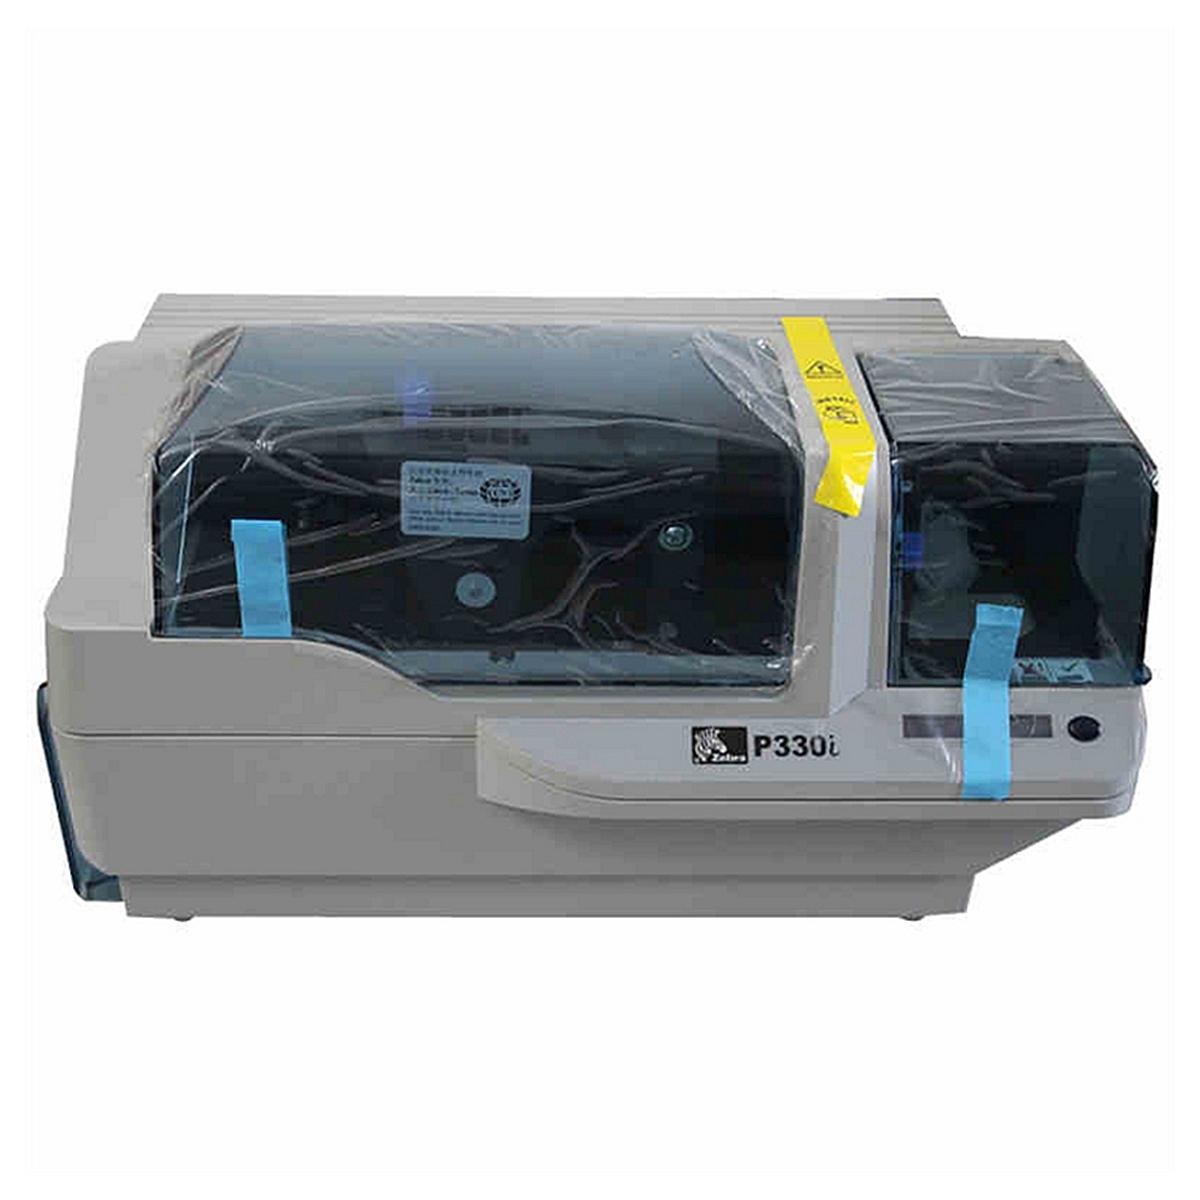 斑马 P330i 证卡打印机 300dpi (单位:台)